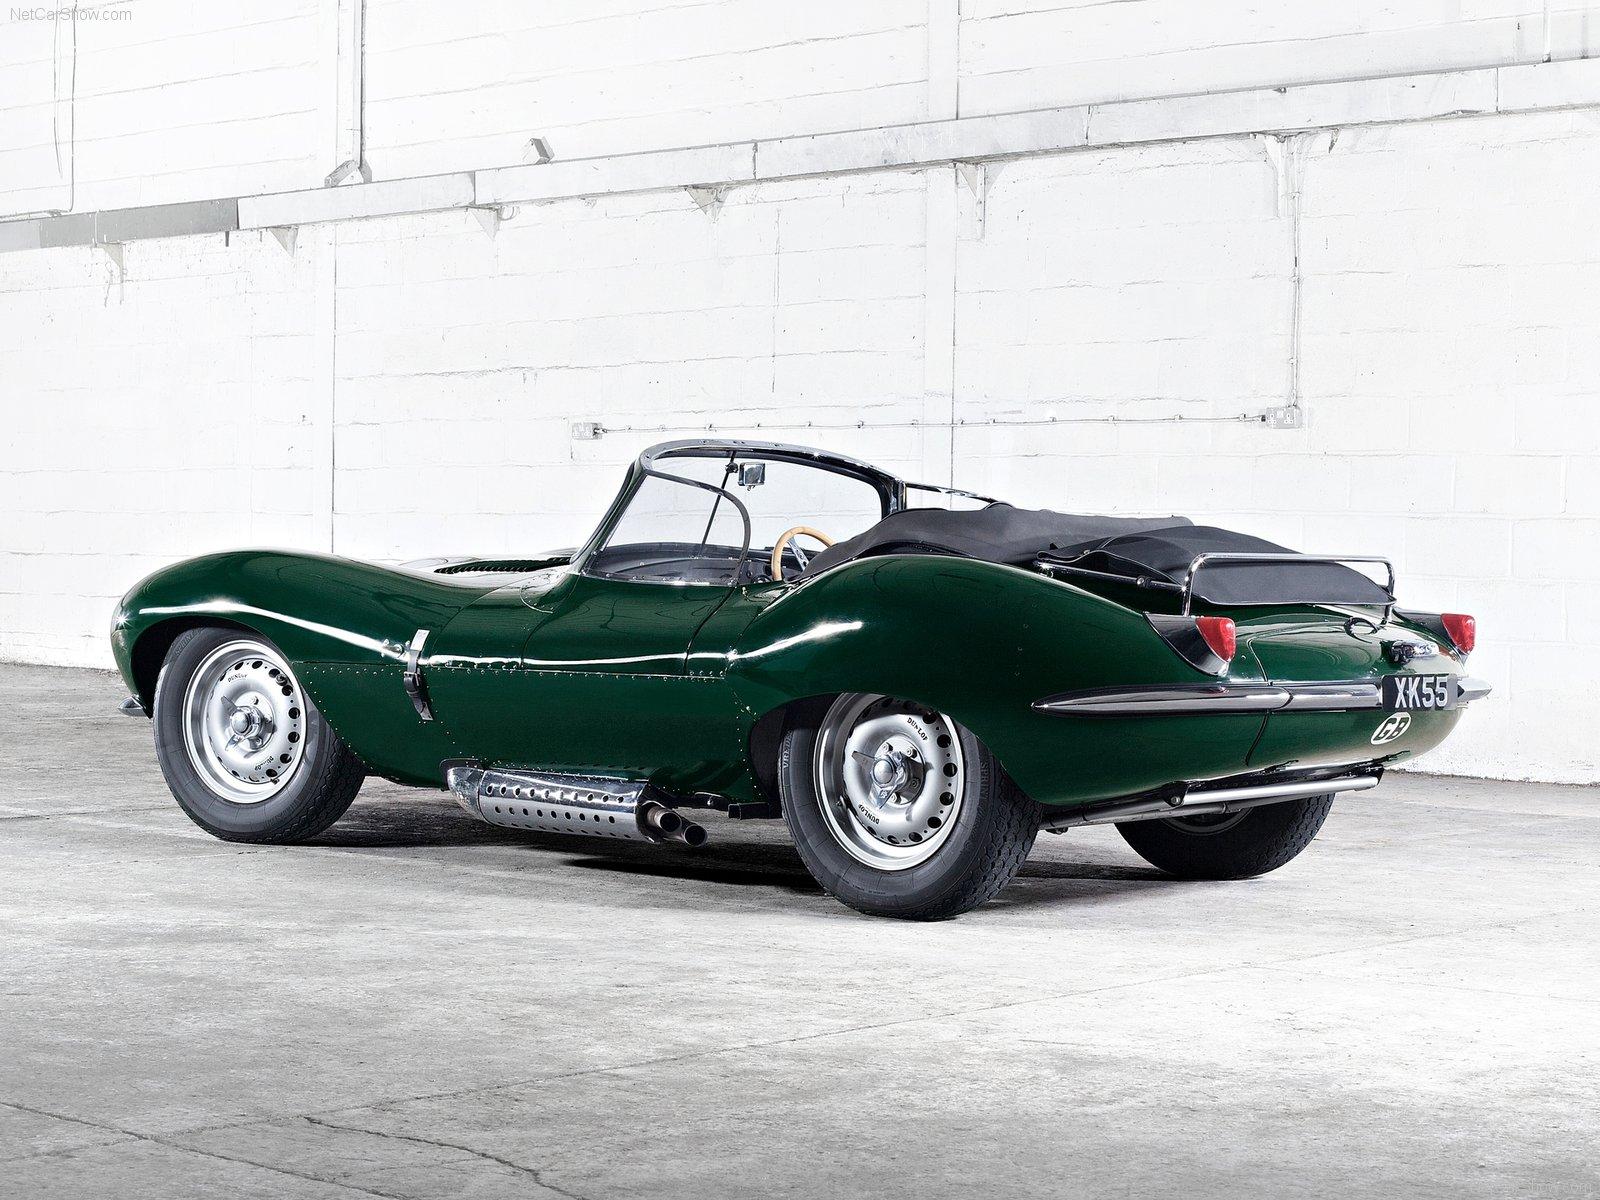 1957 Jaguar XK-SS | D'Marge